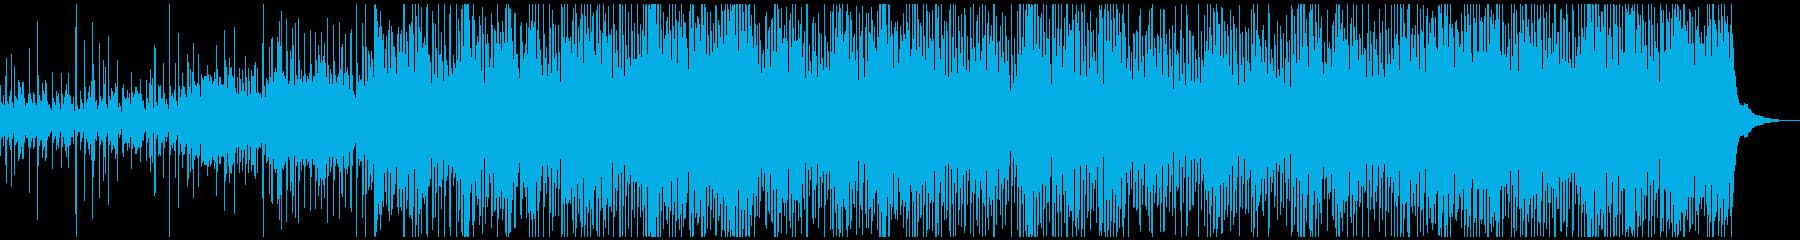 カントリー 民謡 ほのぼの 幸せ ...の再生済みの波形